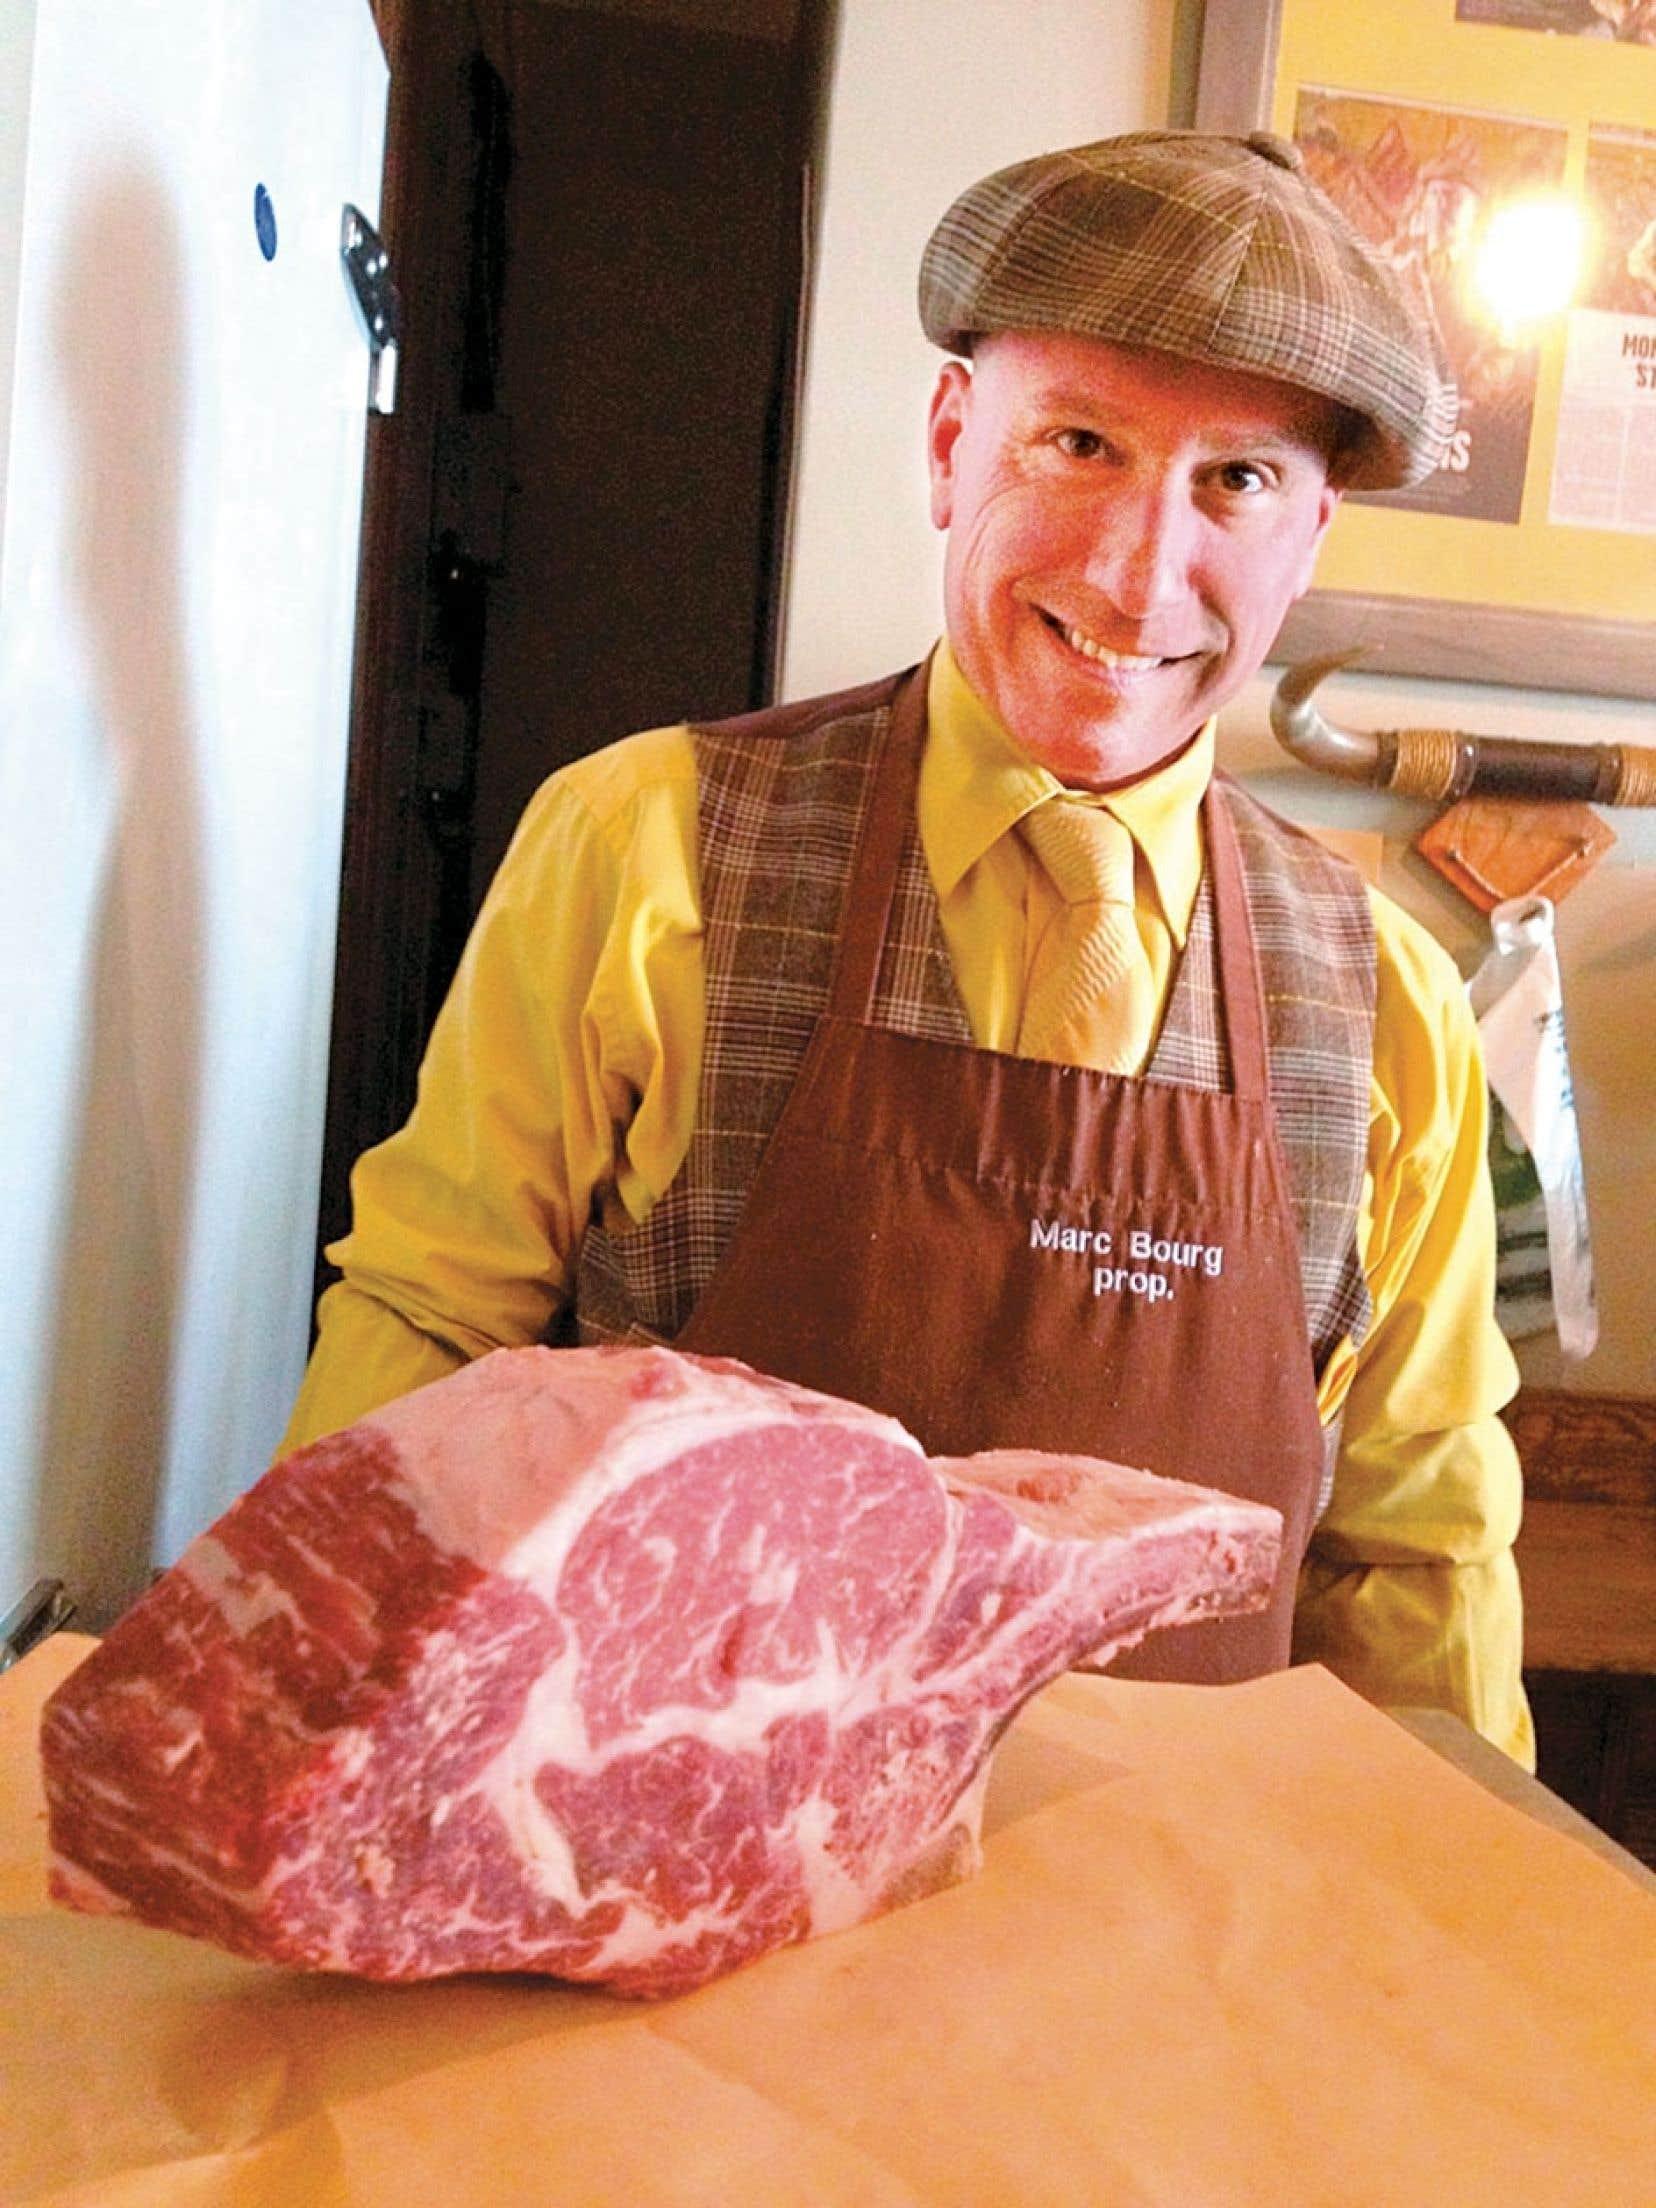 Le maître boucher Marc Bourg, de la boucherie Le Marchand du Bourg à Montréal.